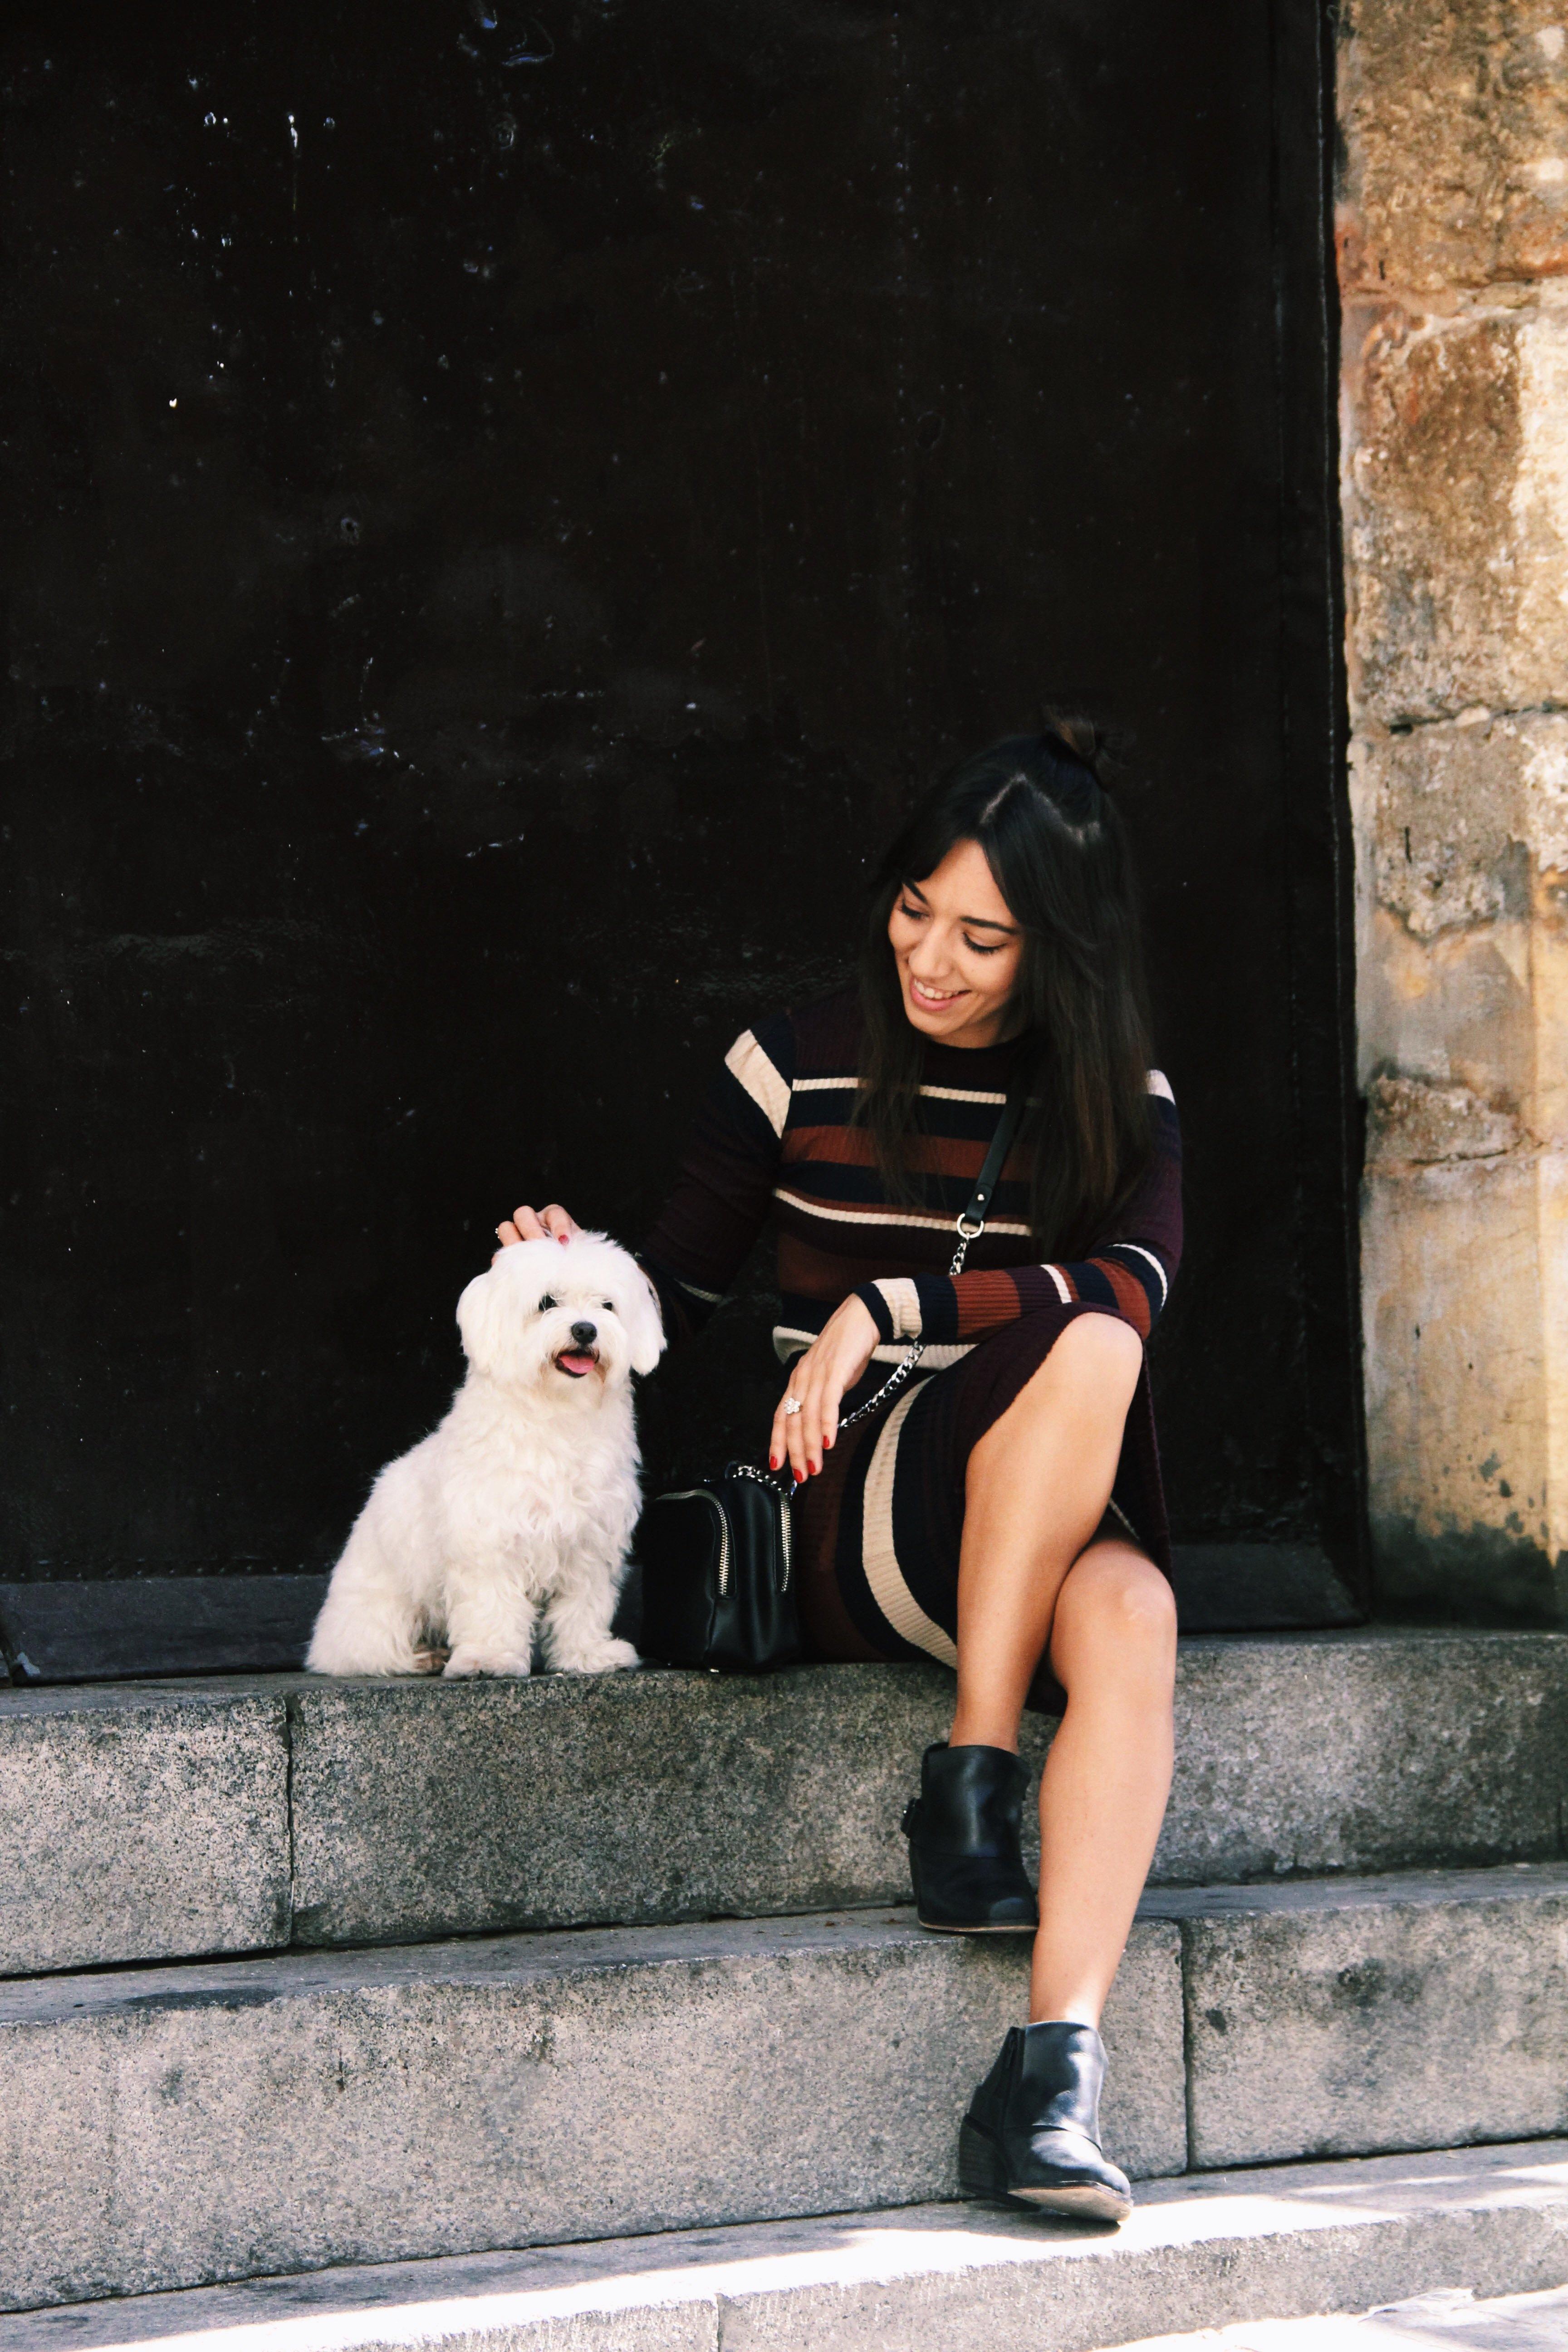 vestido_de_punto- vestido_de_rayas- knitwear- bichon_maltes-vestido_midi-Less_is_more-5